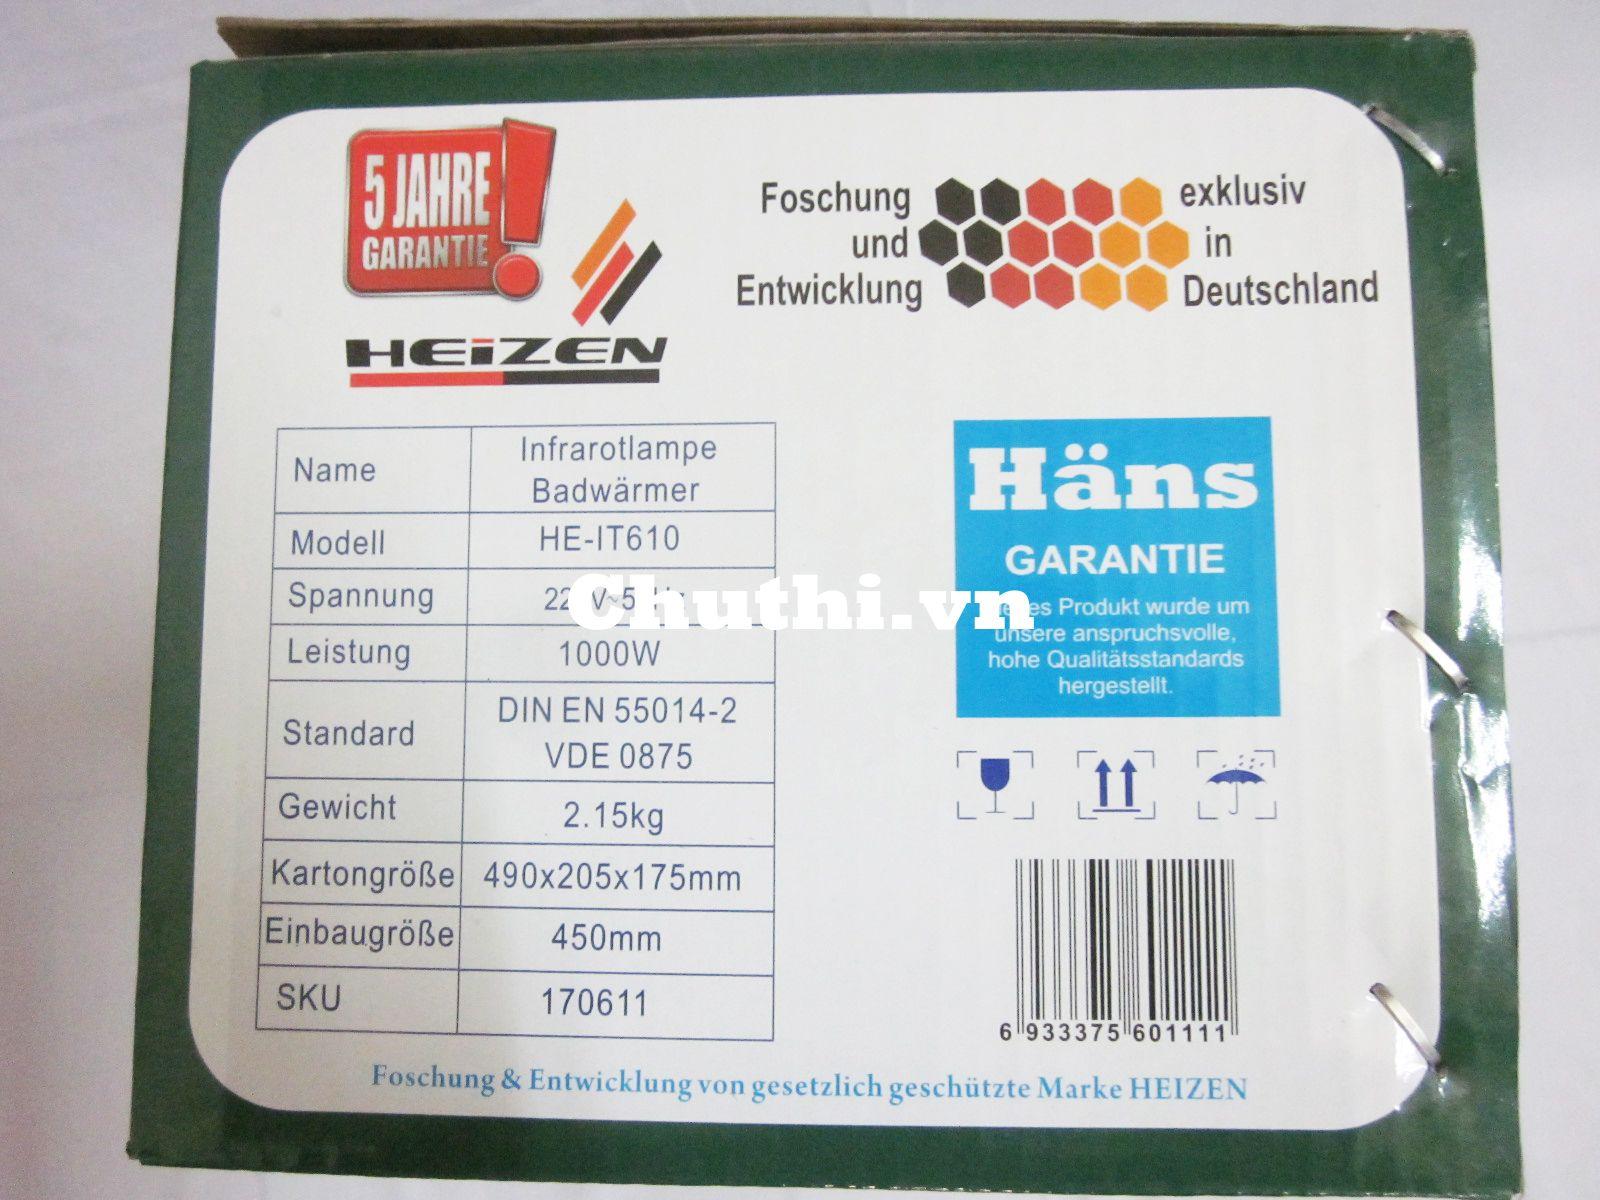 Heizen là dòng sản phẩm cao cấp cửa Hans